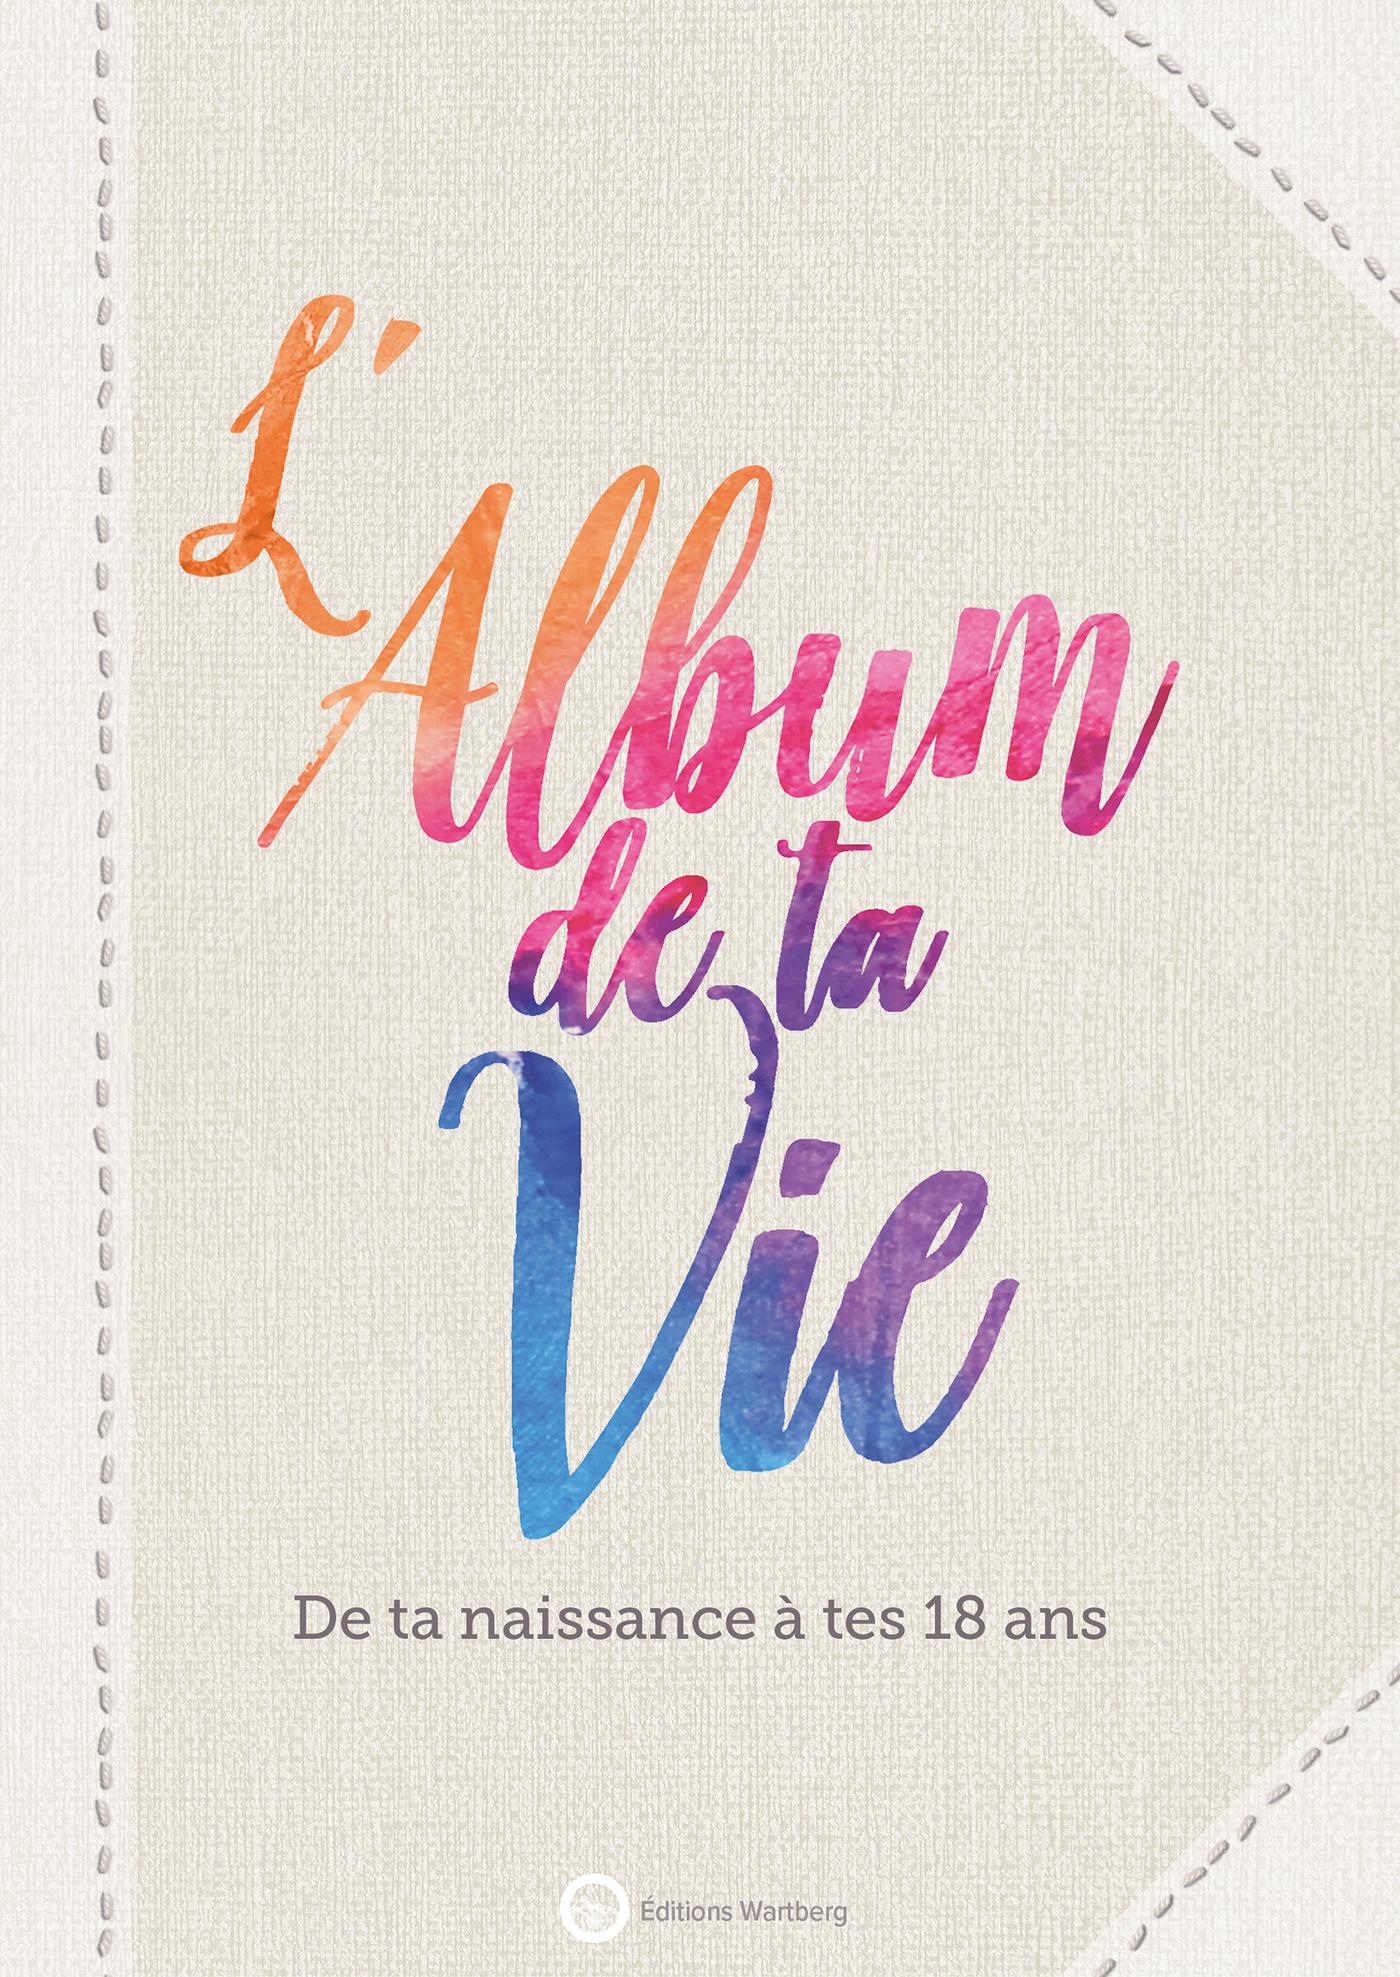 L'ALBUM DE TA VIE - DE TA NAISSANCE A TES 18 ANS